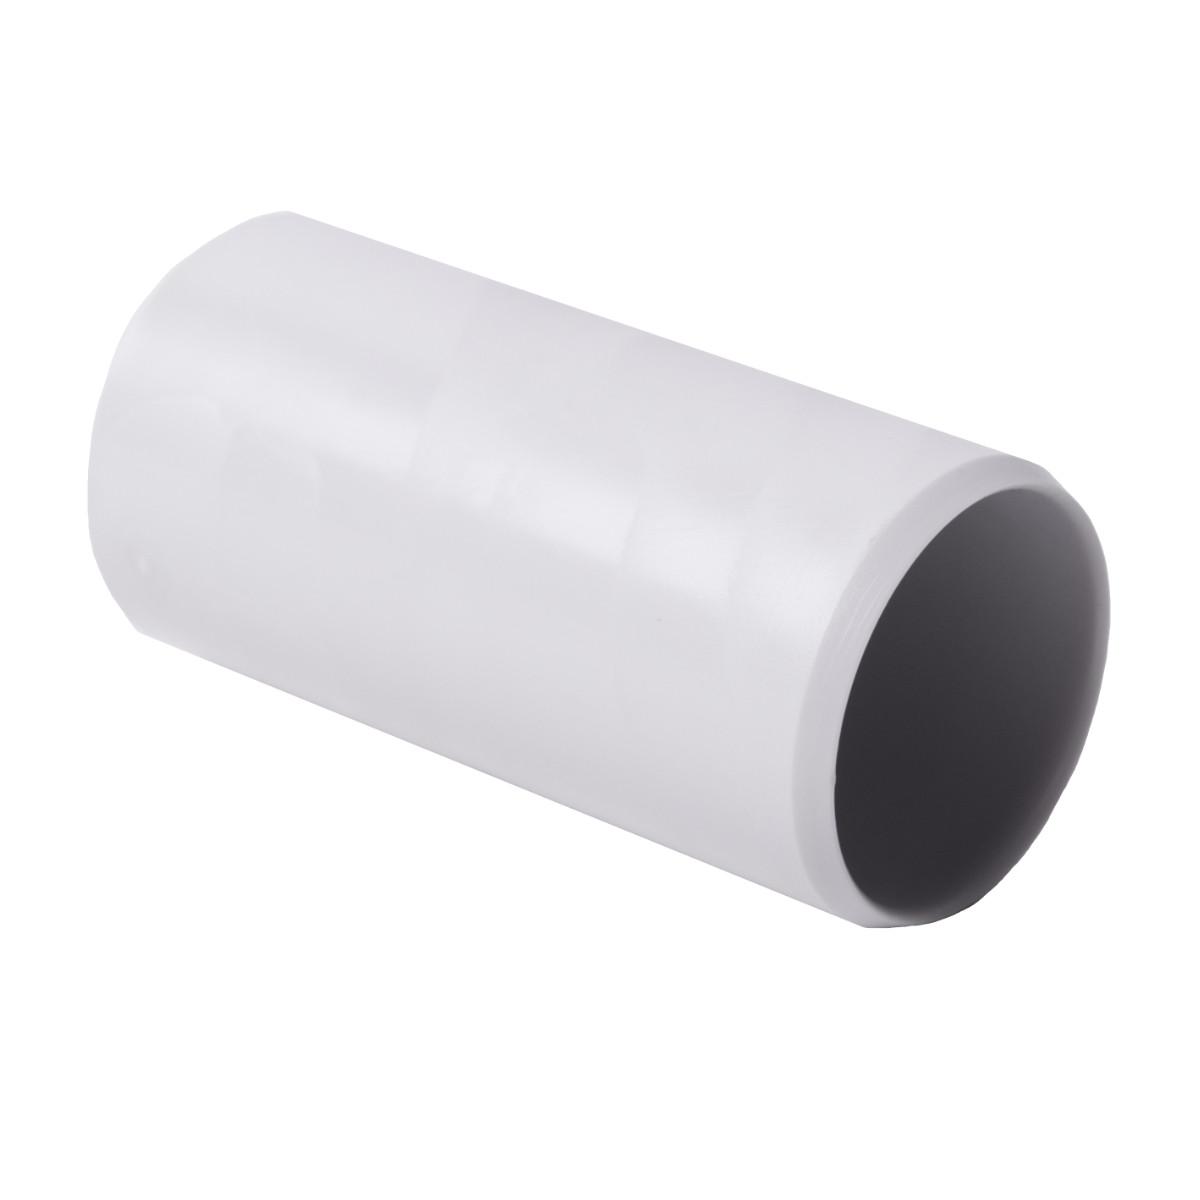 Муфта з'єднувальна для труби 16 мм; Ø16мм; ПВХ;; t застосування -25+60 °с; світло-сіра; Упаковка 10 шт